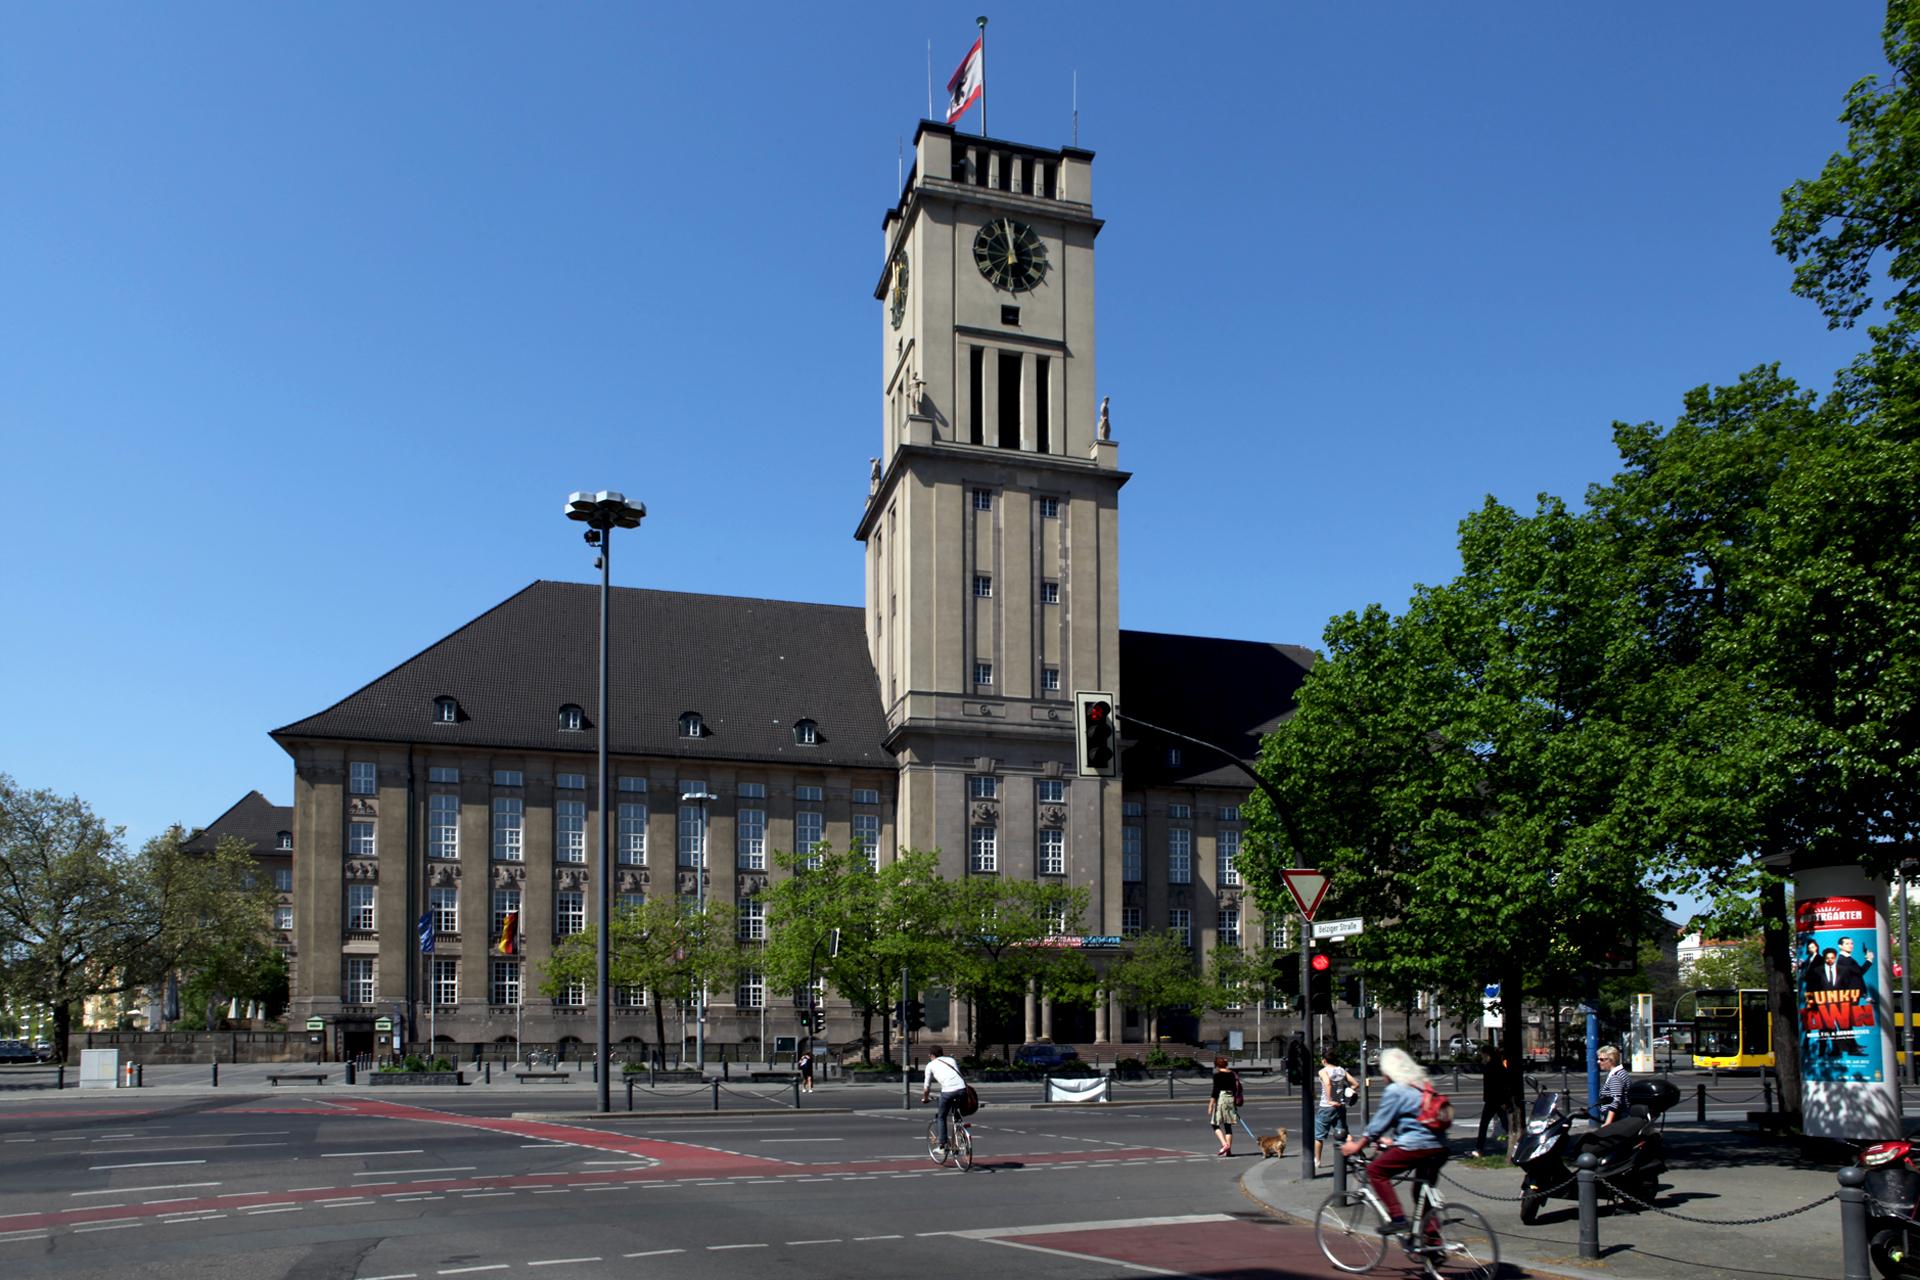 Das Rathaus in Schöneberg